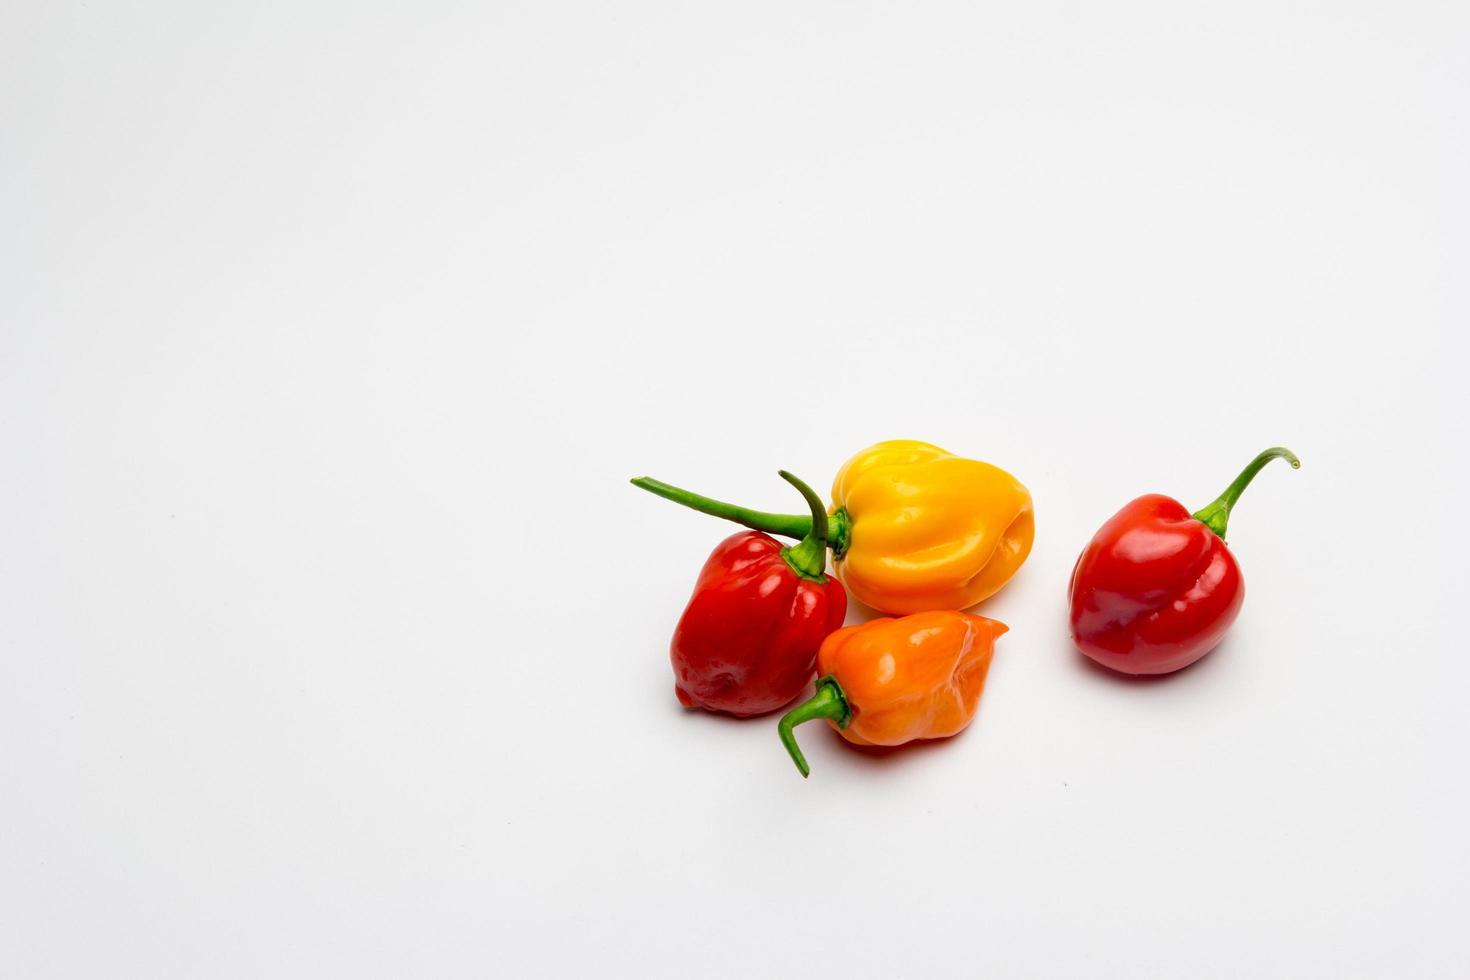 peperoni colorati su sfondo bianco foto